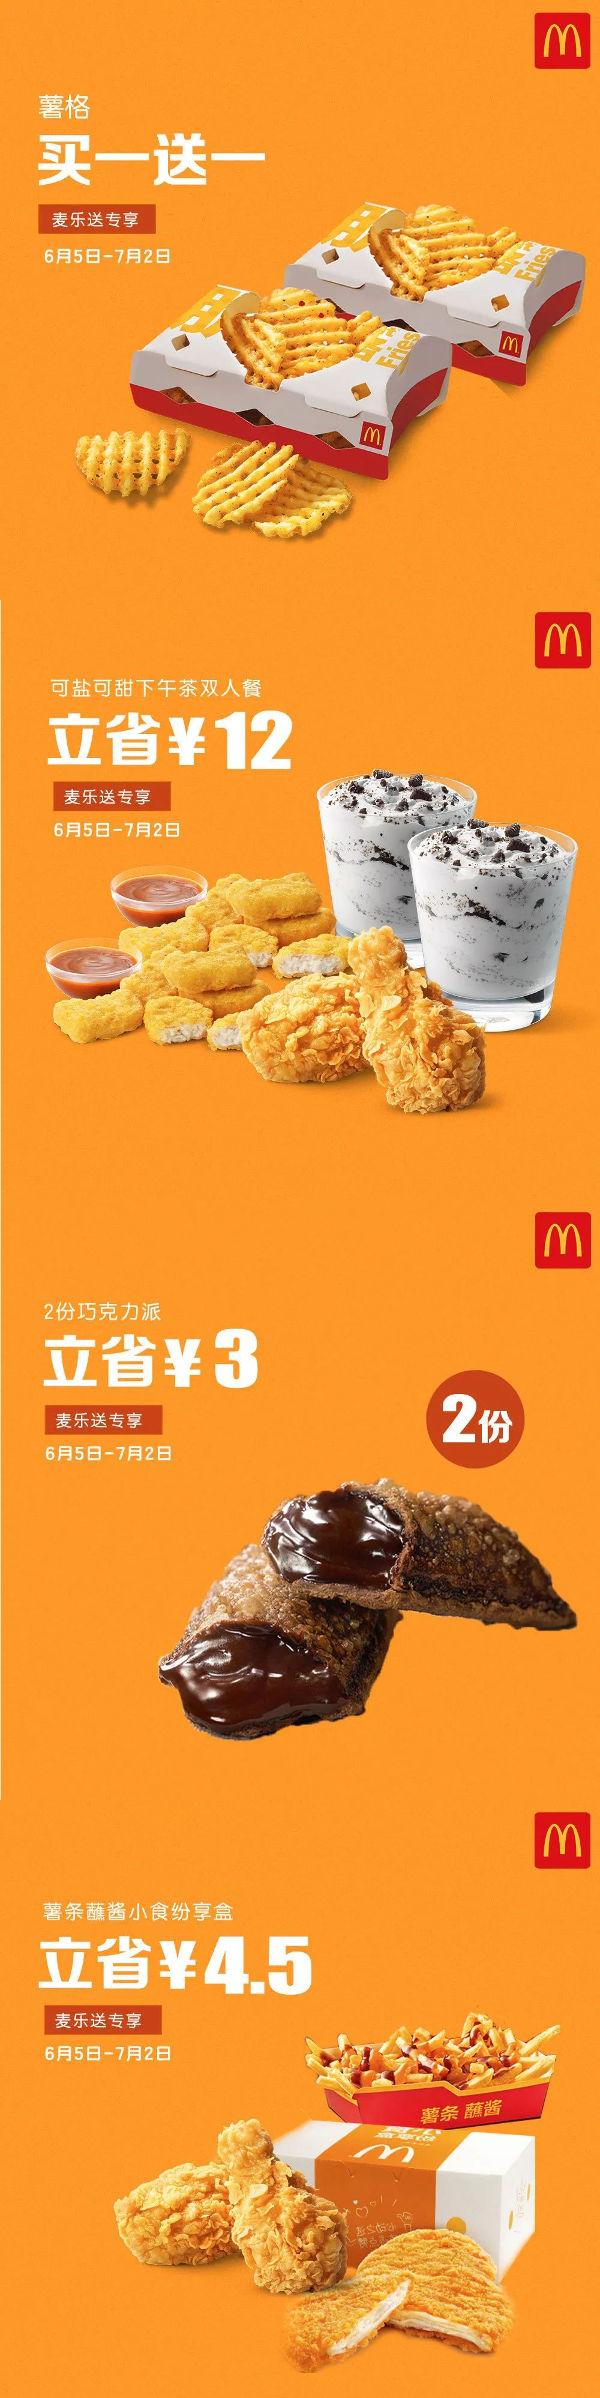 麥當勞麥樂送薯格買一送一,下午茶雙人餐立省12元 有效期至:2019年7月2日 www.duxcj.com.cn